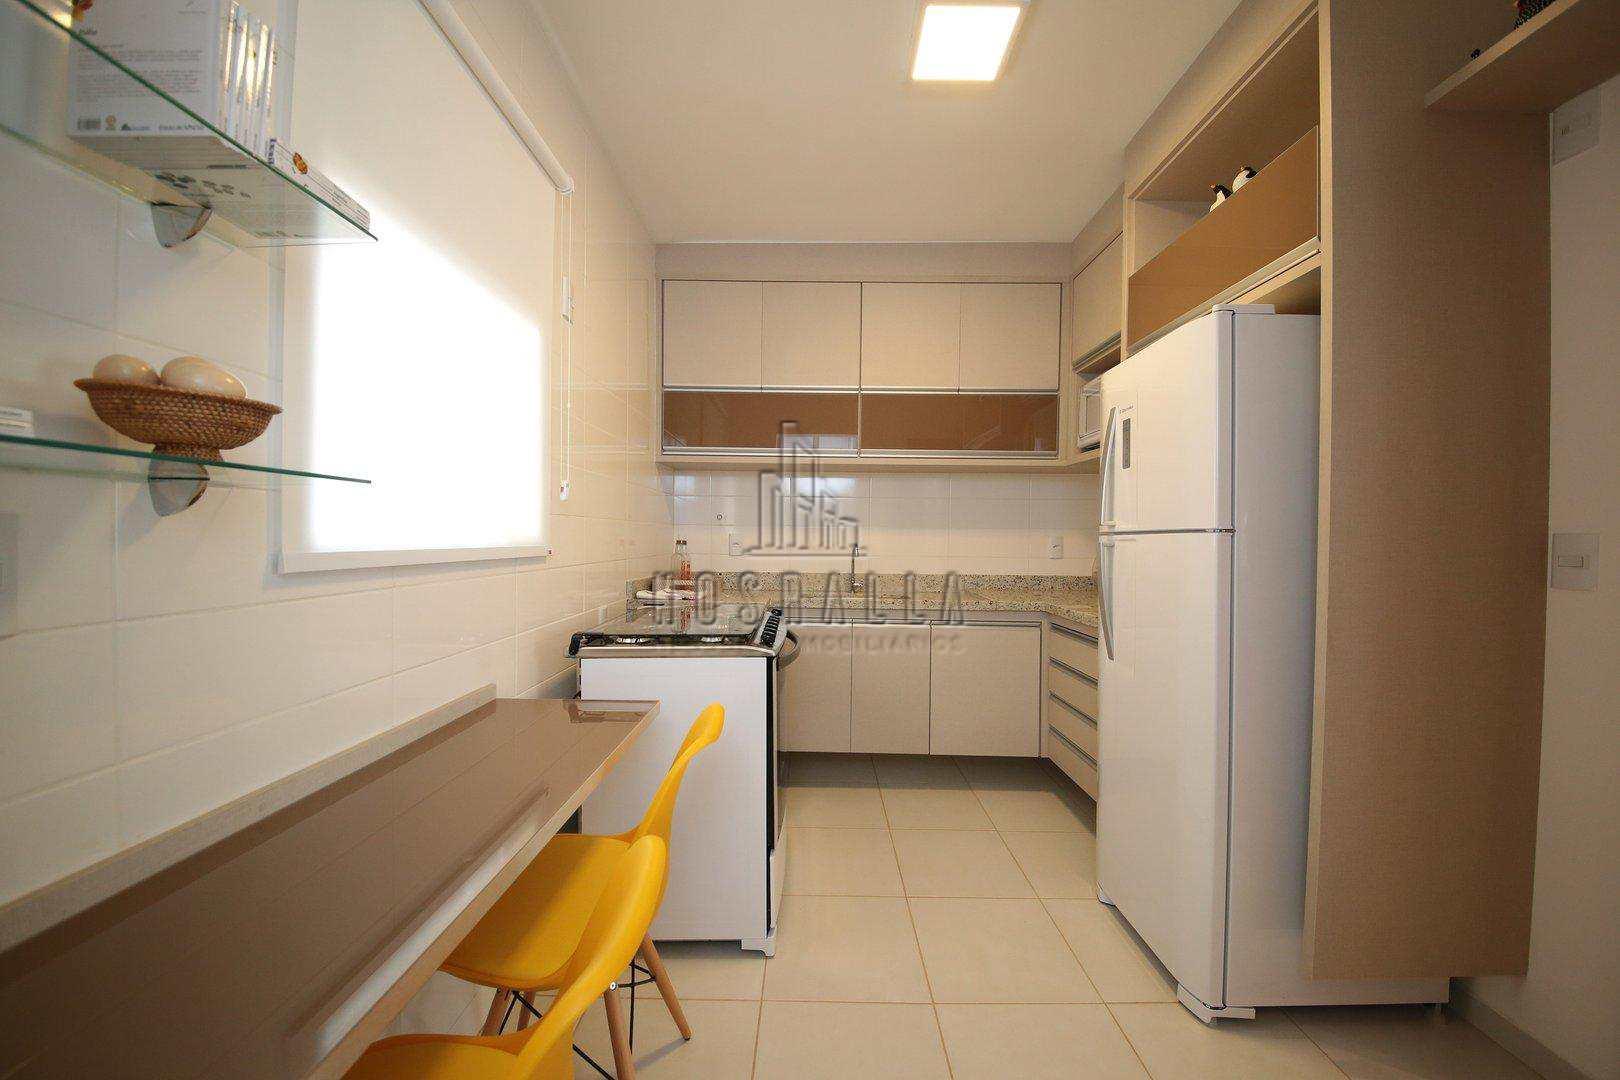 cozinha-decorado-1.JPG.1920x1080_q85